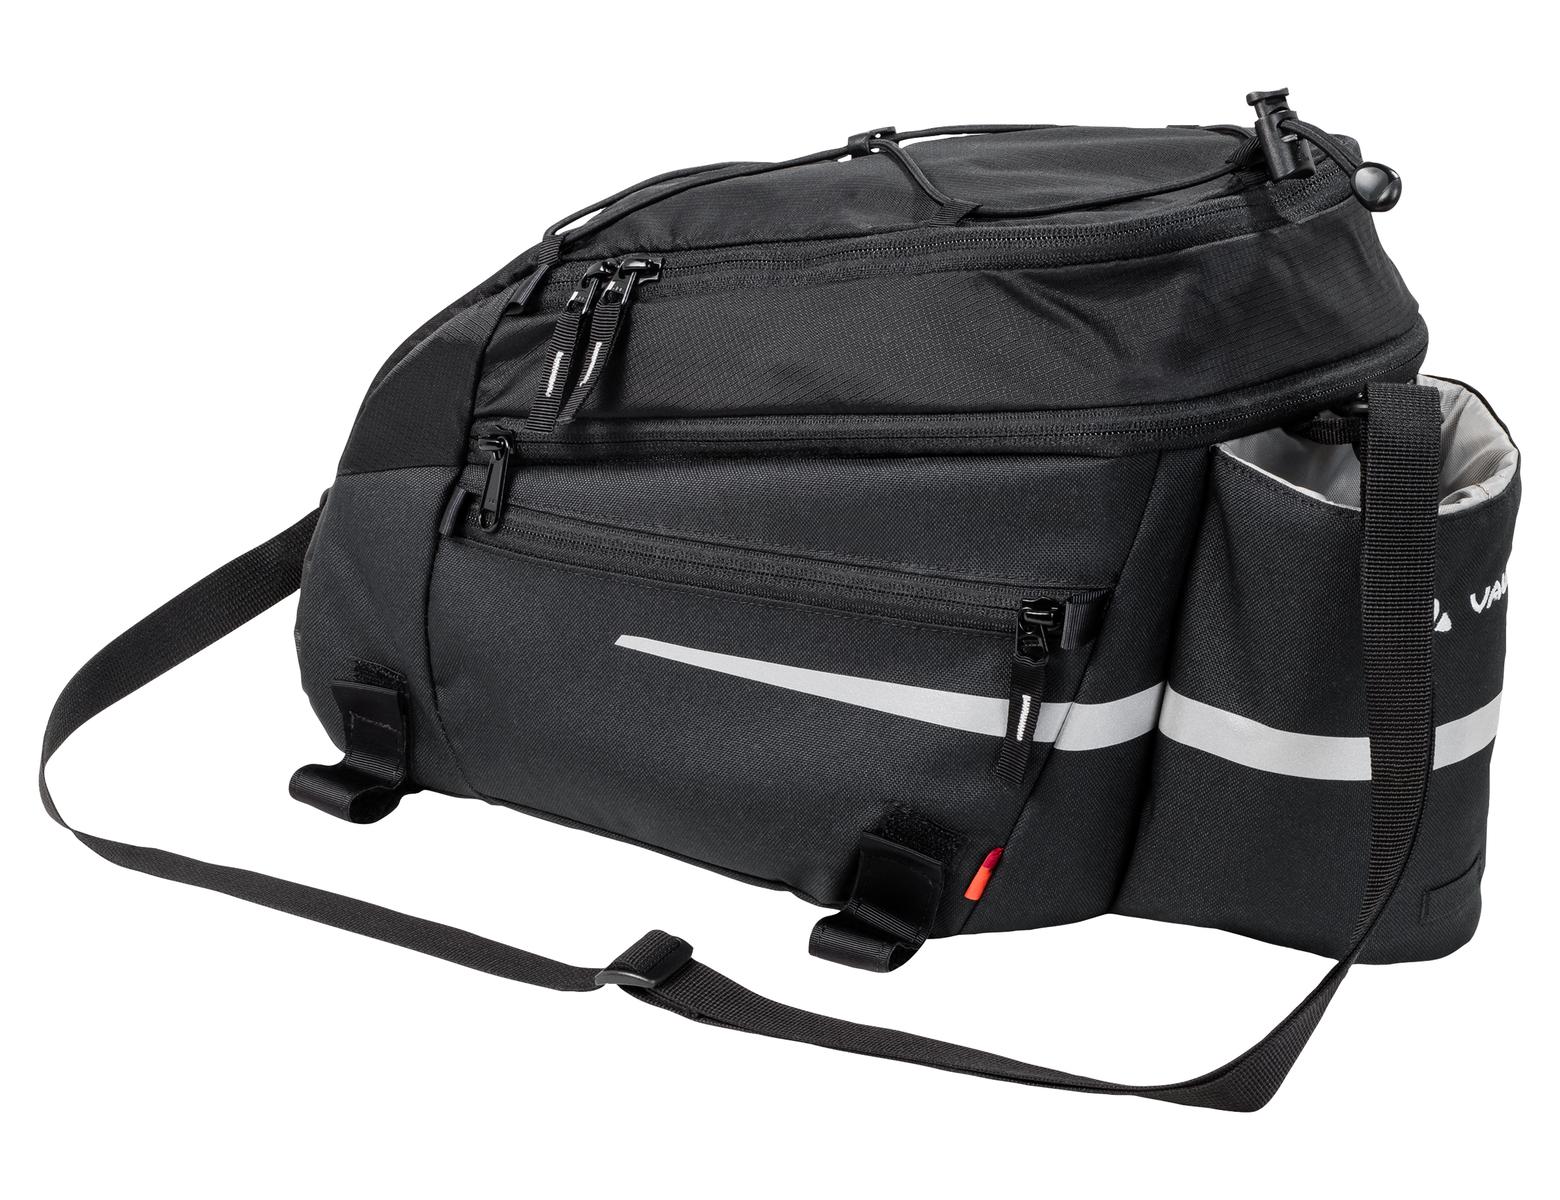 Vaude Silkroad L - 9+2 L - Sacoche porte-bagages vélo